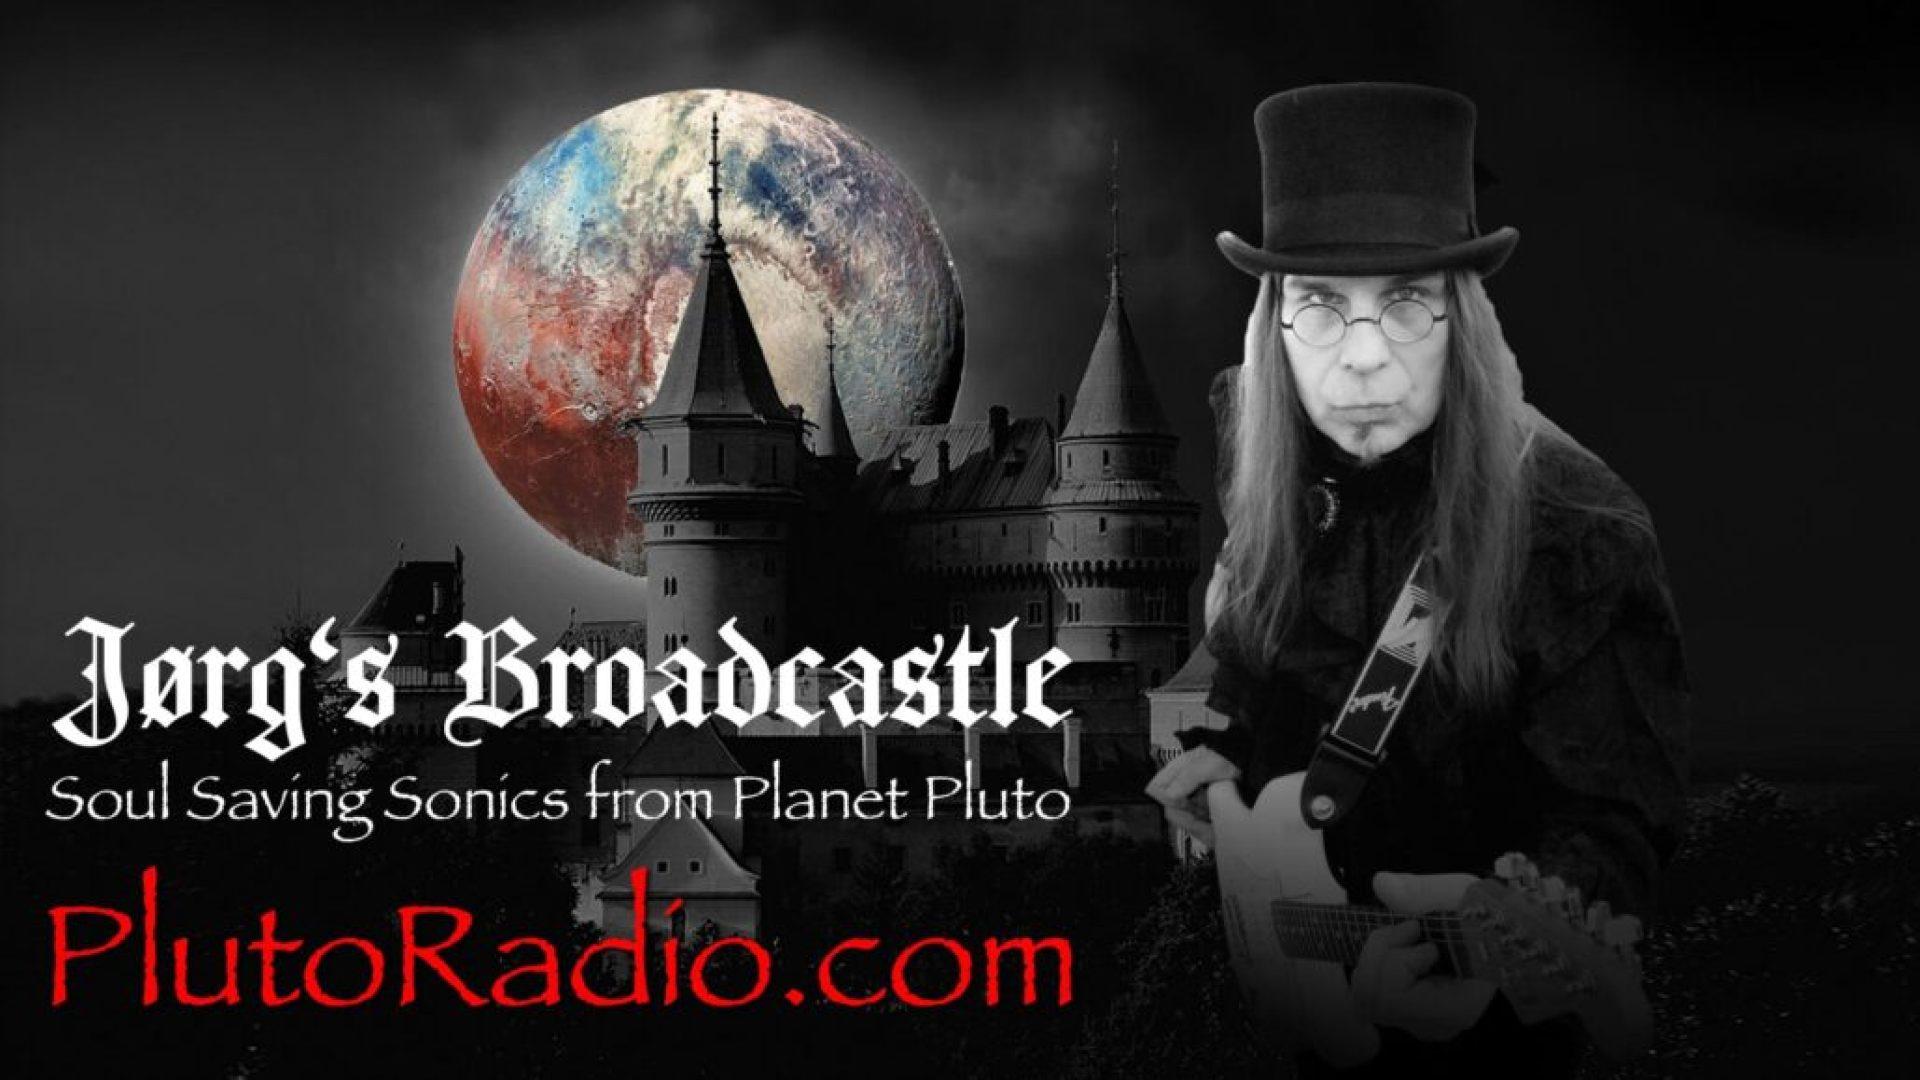 Jørg's Broadcastle auf PlutoRadio